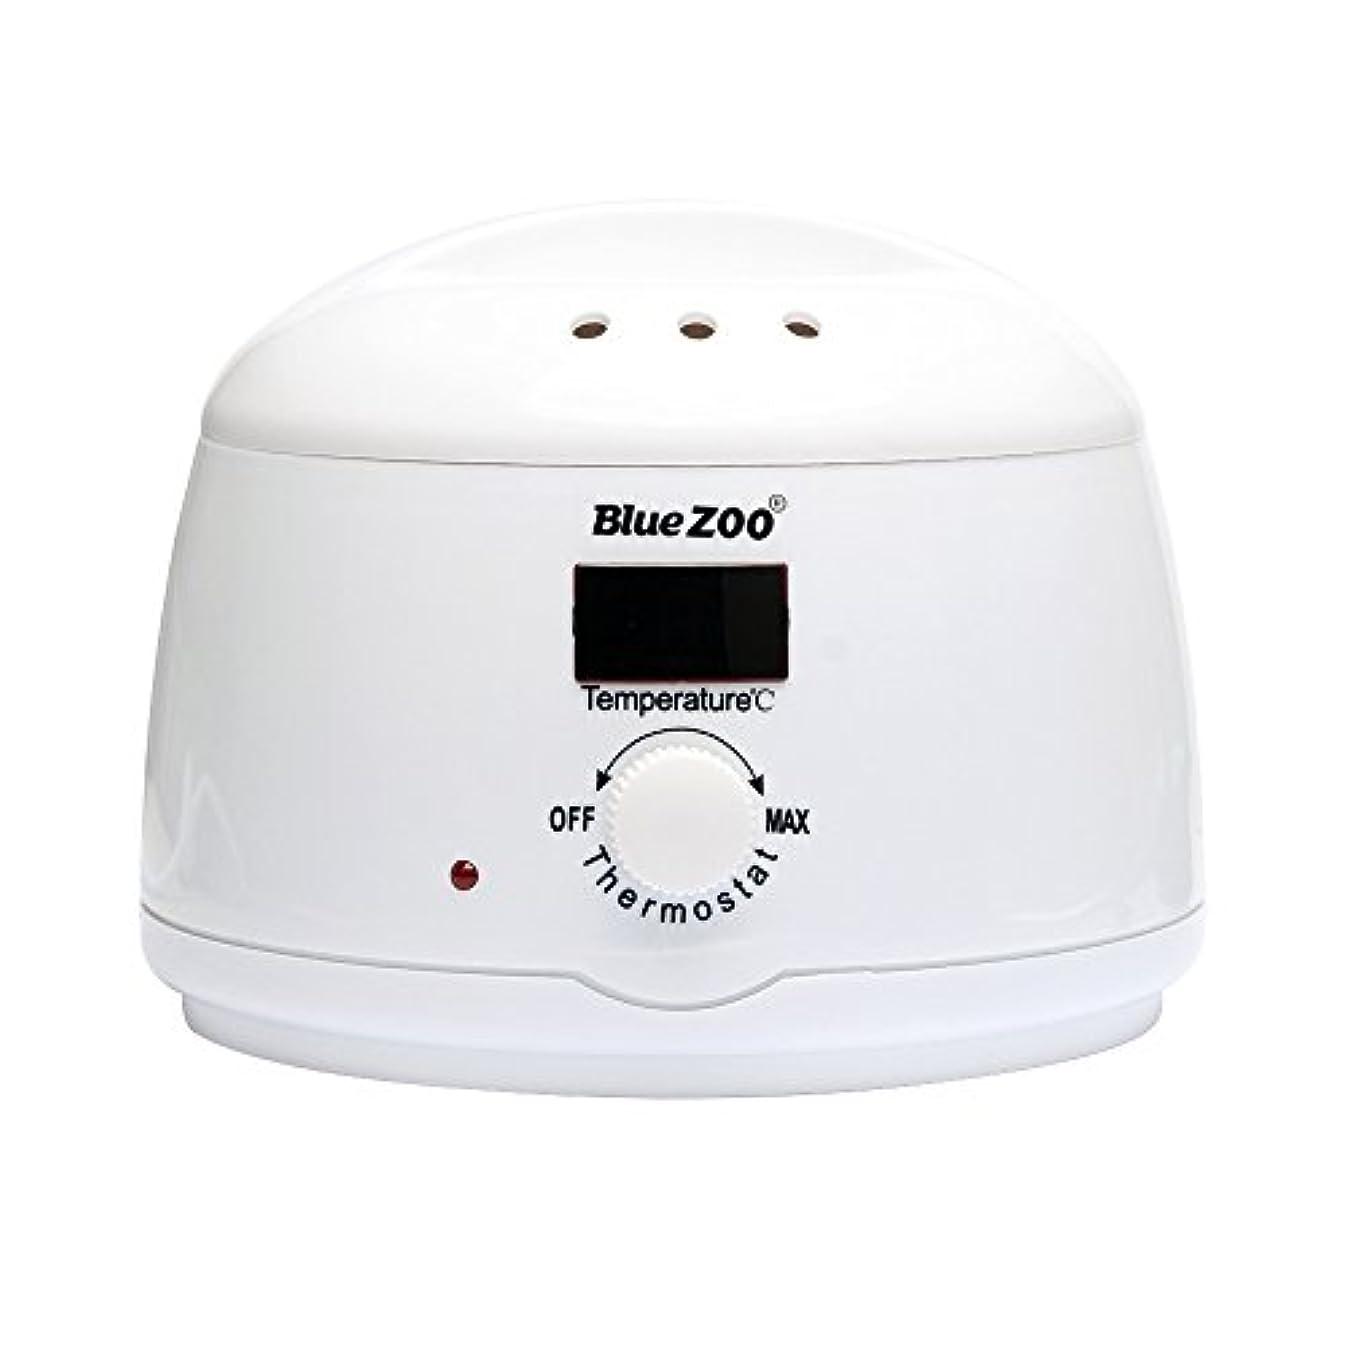 品種アストロラーベ慣れているRabugoo セクシー デジタル表示ワックス豆ワイマー脱毛ホットワックスヒーターマシン Digital display British regulations